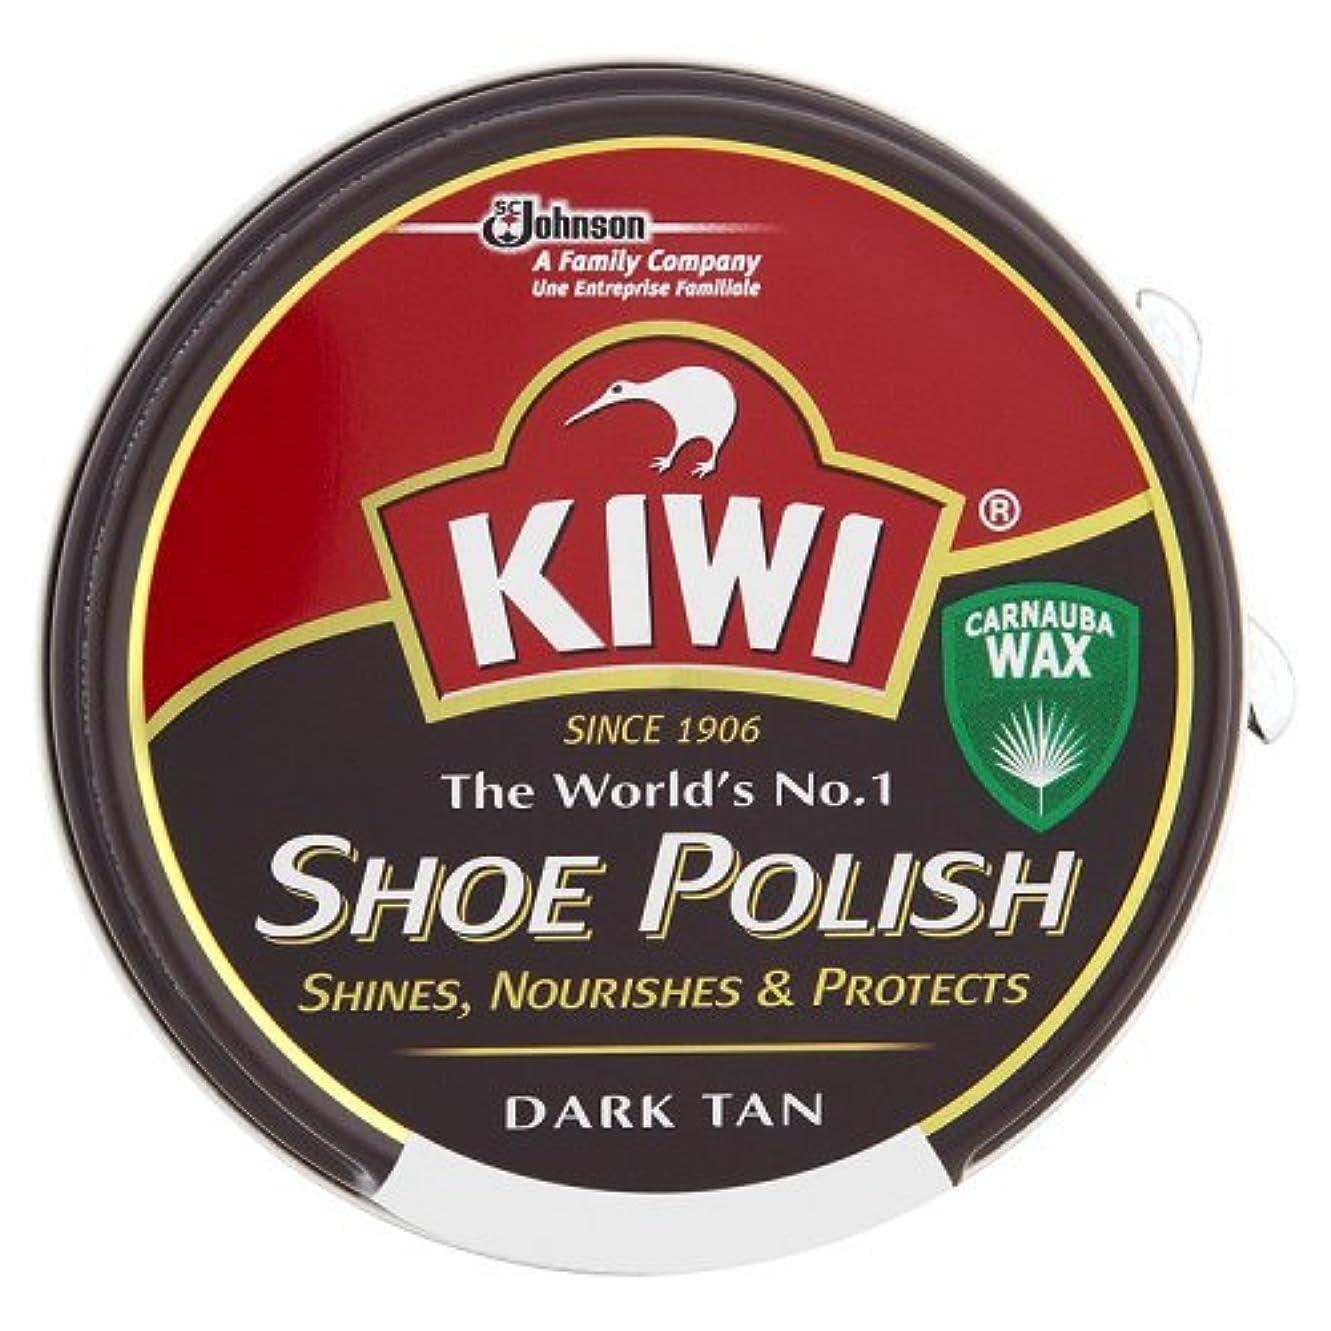 言い換えると鳩単語キィウイ 靴クリーム 中缶 濃茶色(ダークタン) 50ml